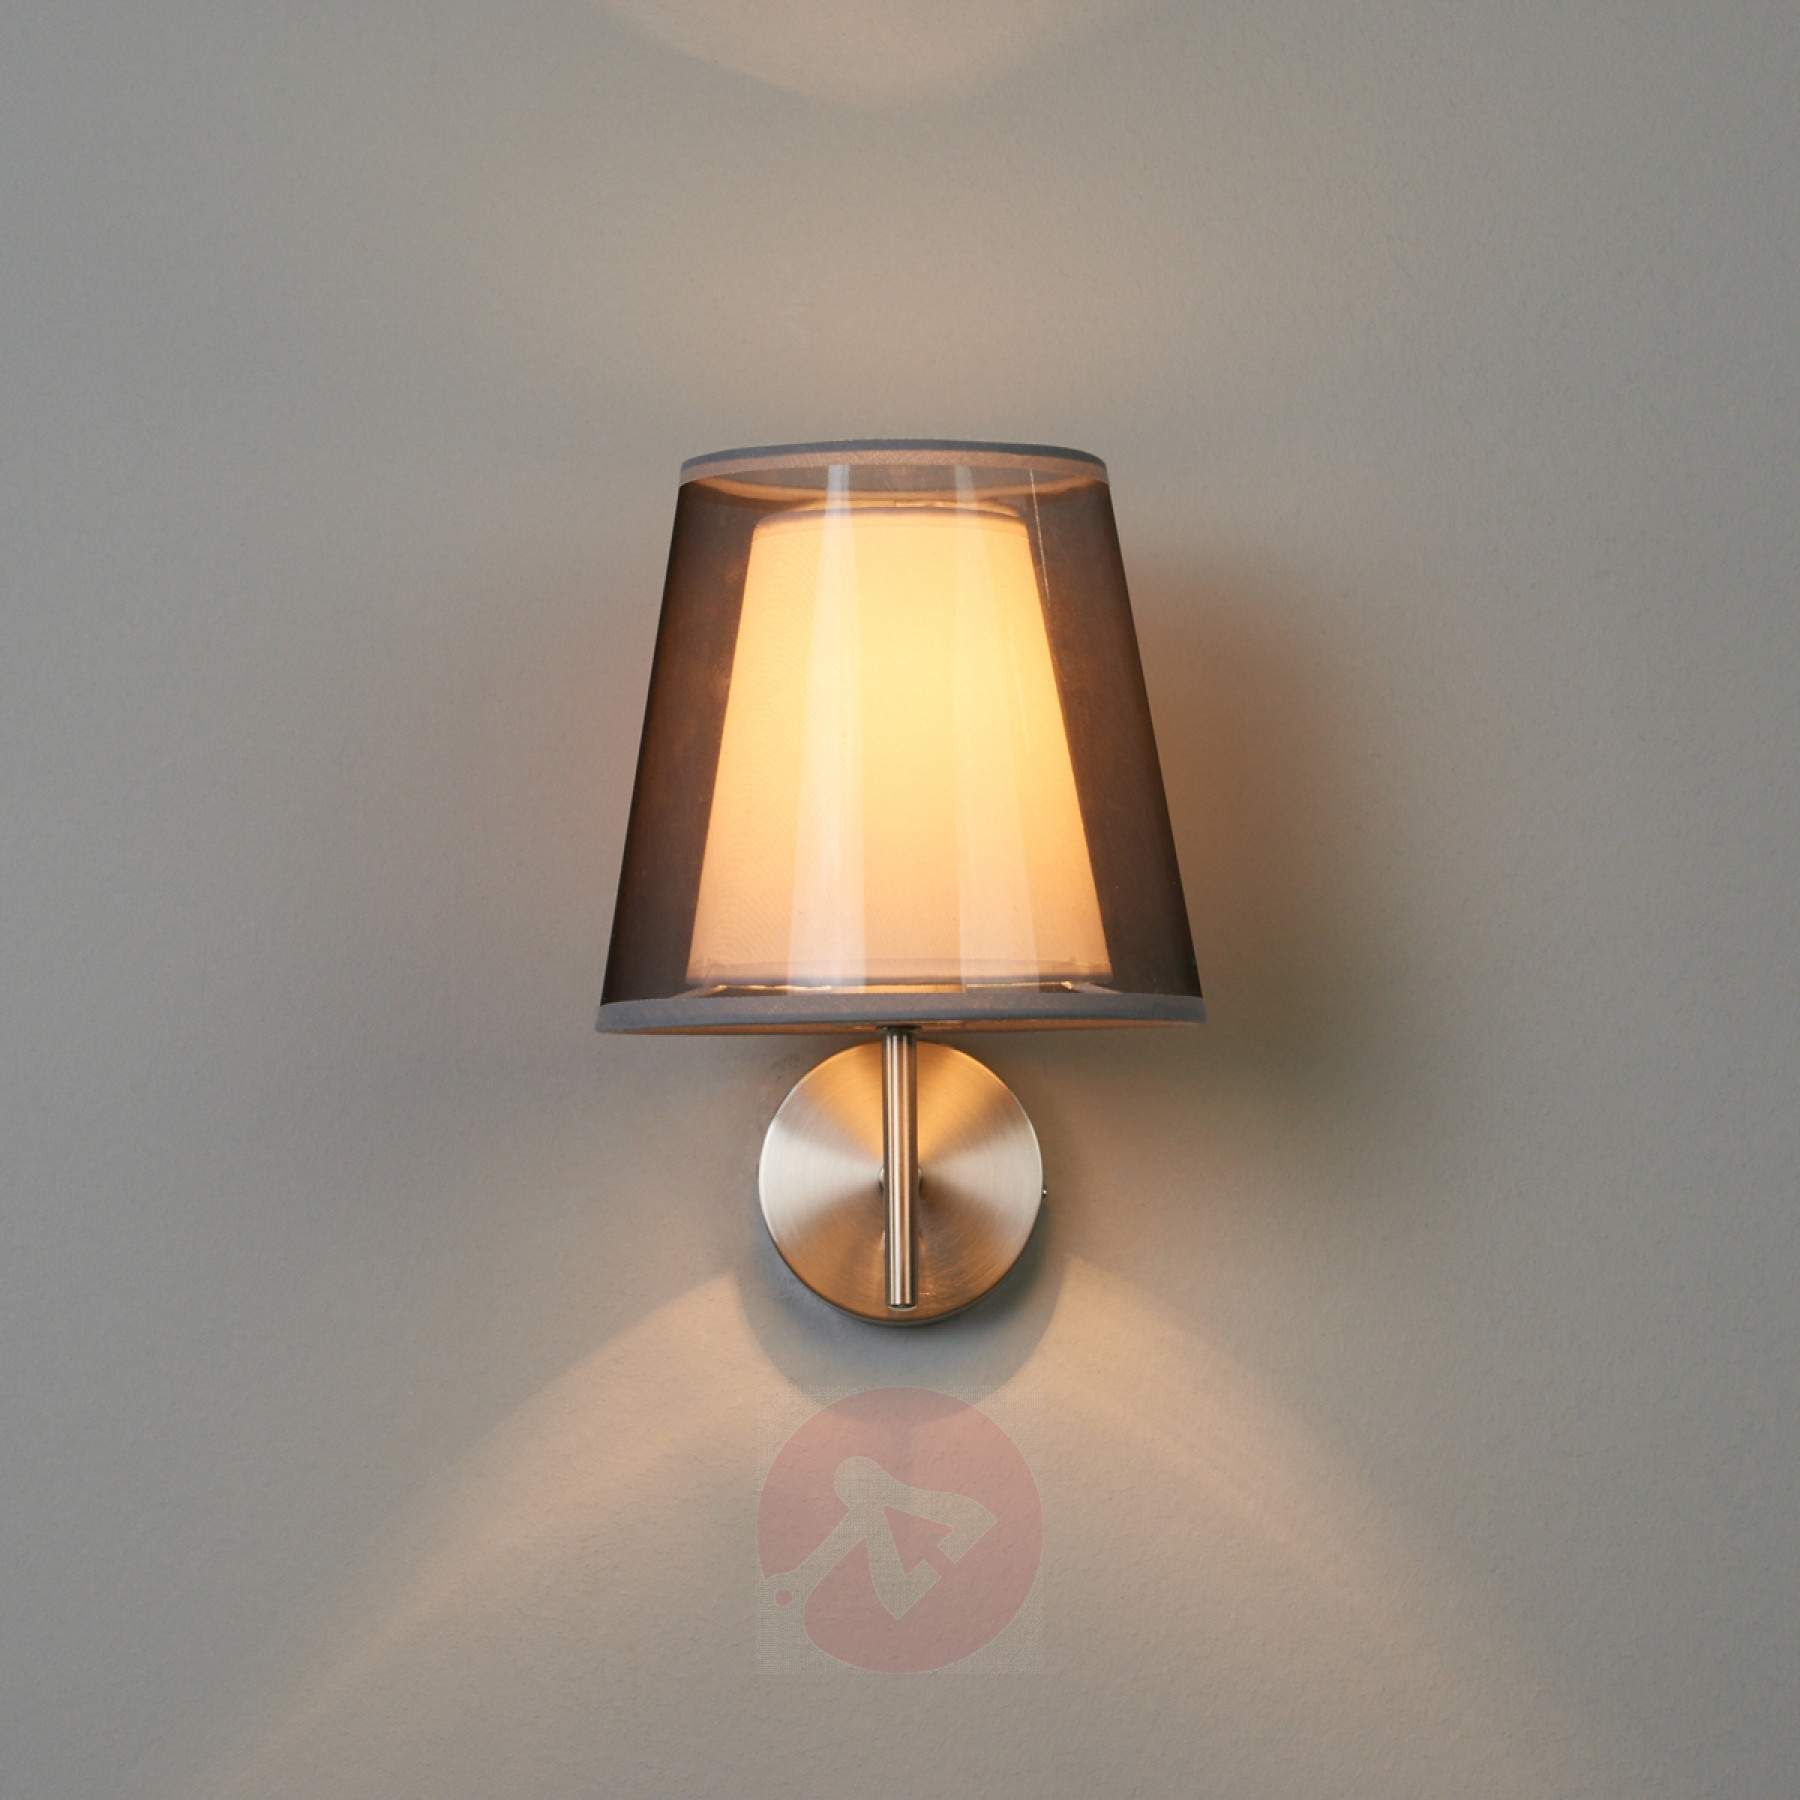 Schwarze Stoffwandlampe Weni mit Schalter 02